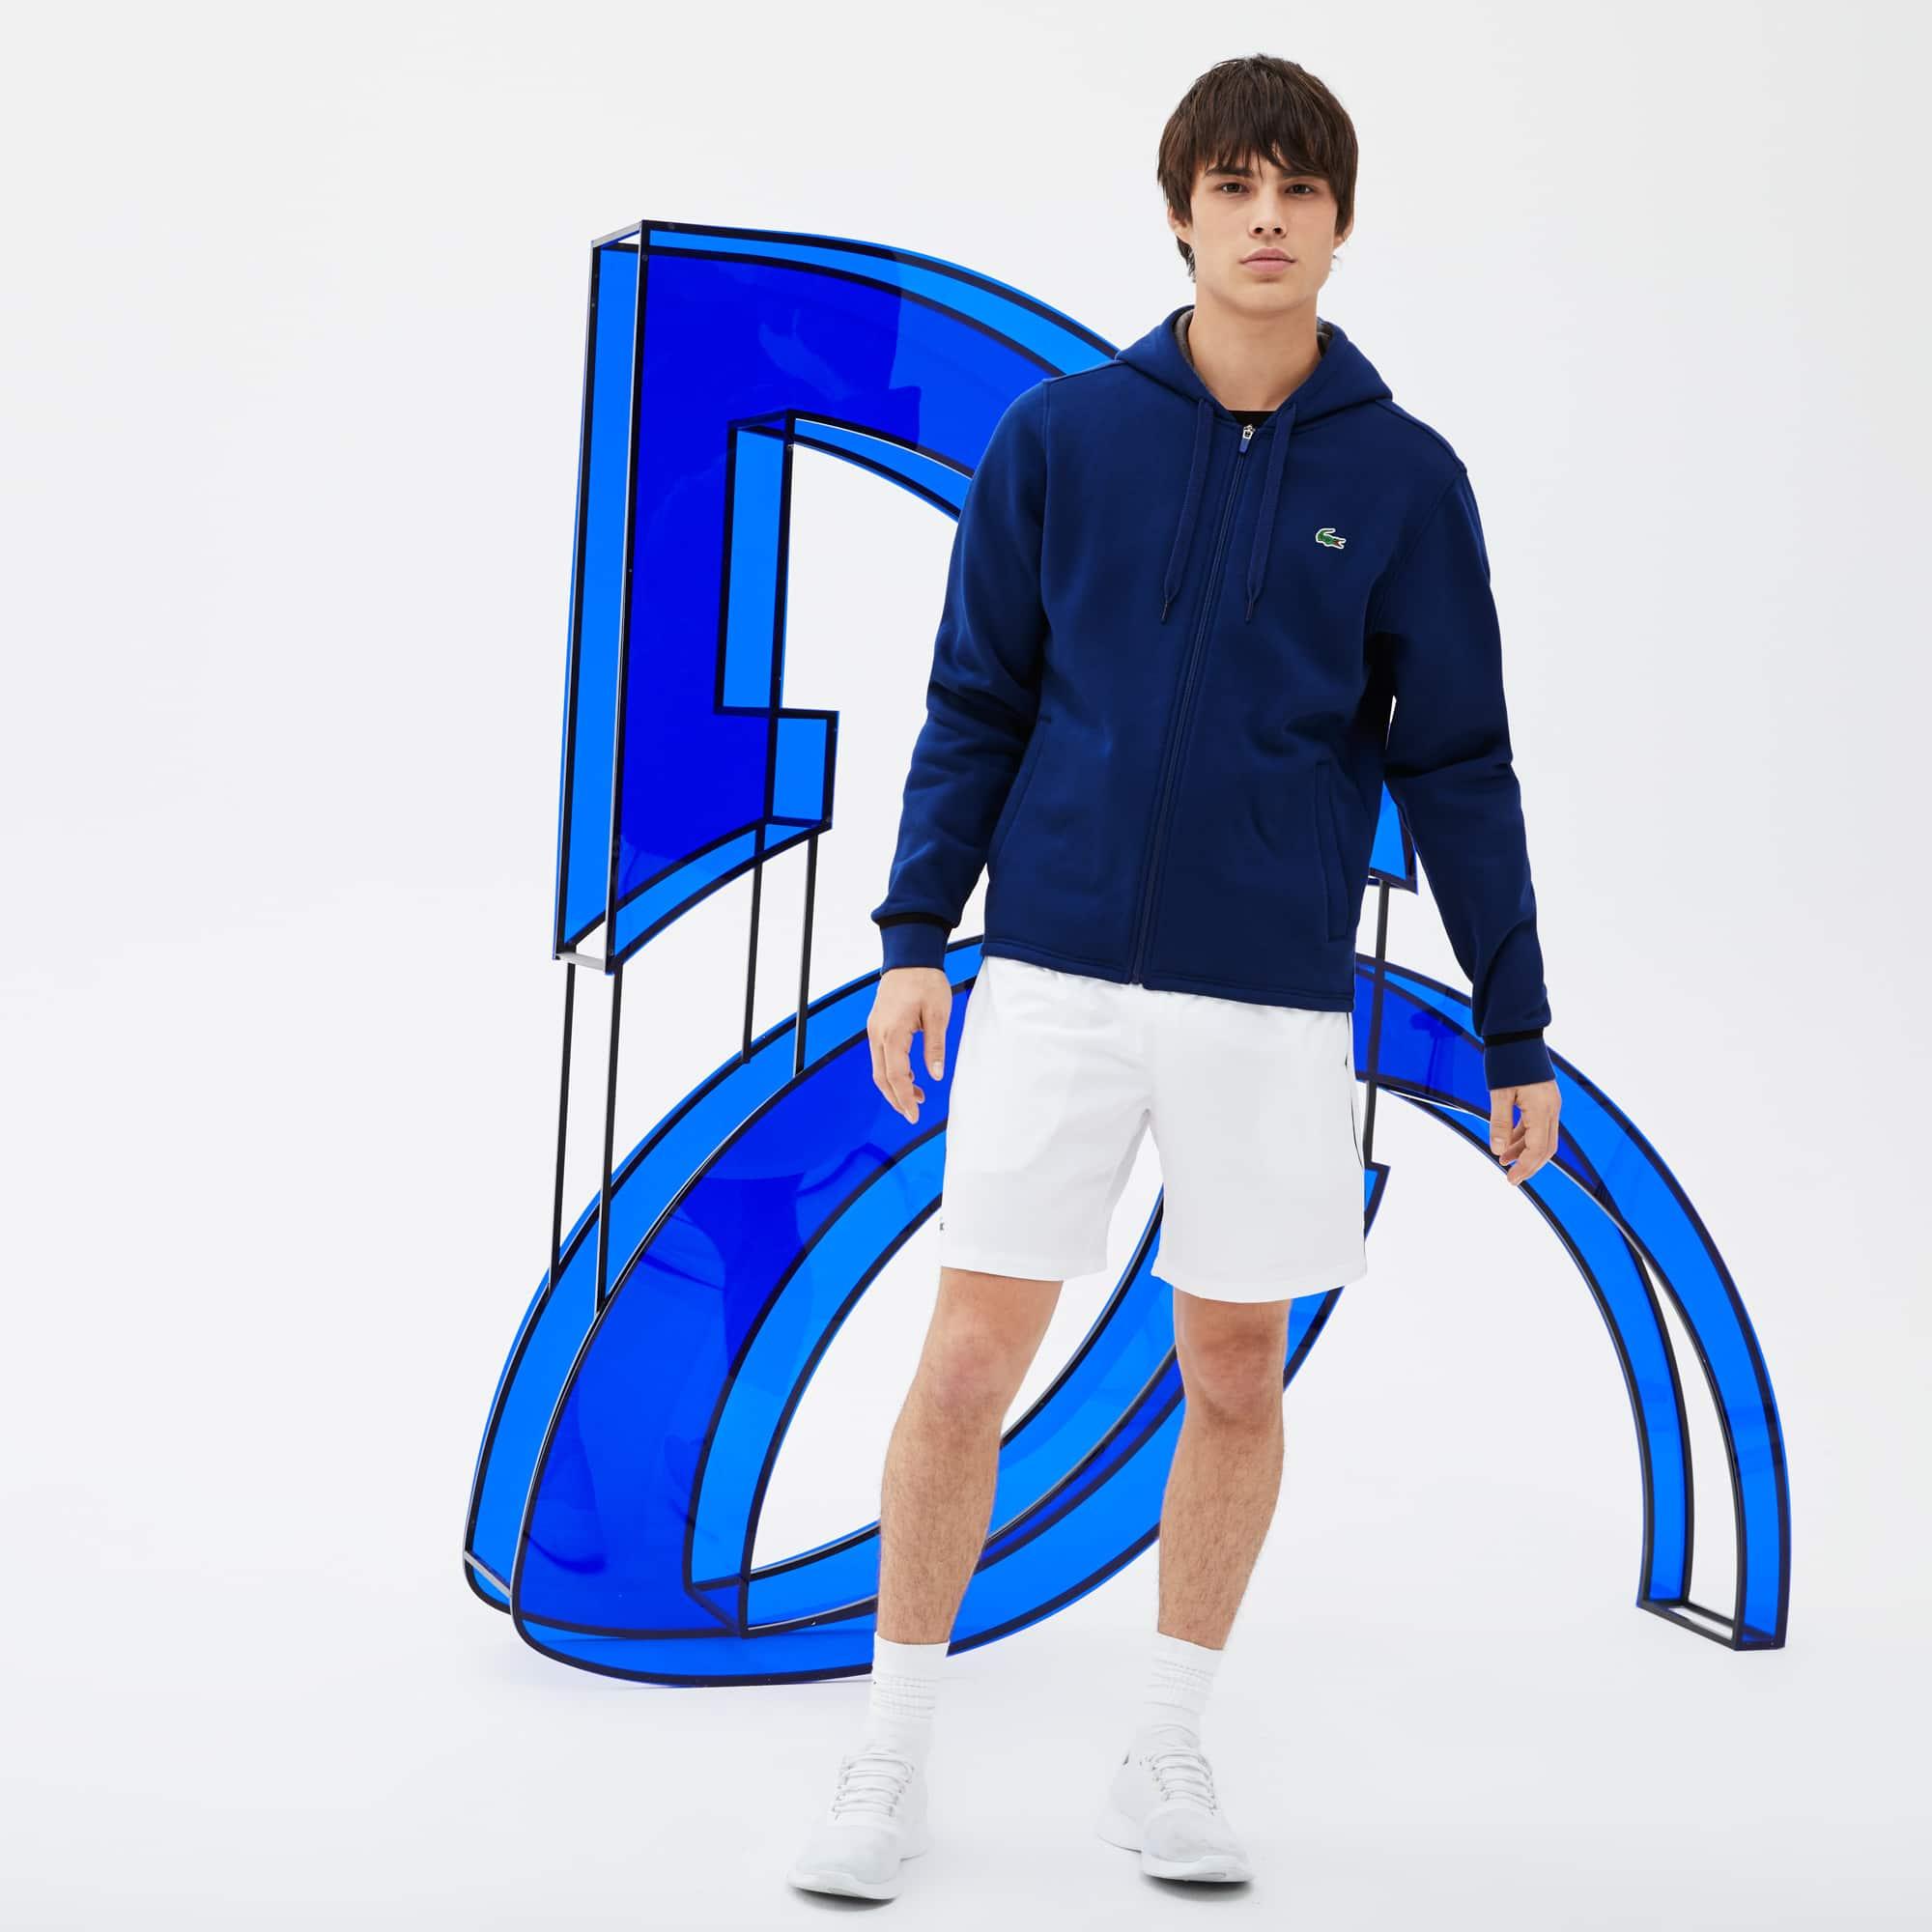 Men's SPORT Zip Sweatshirt - Novak Djokovic Supporter Collection